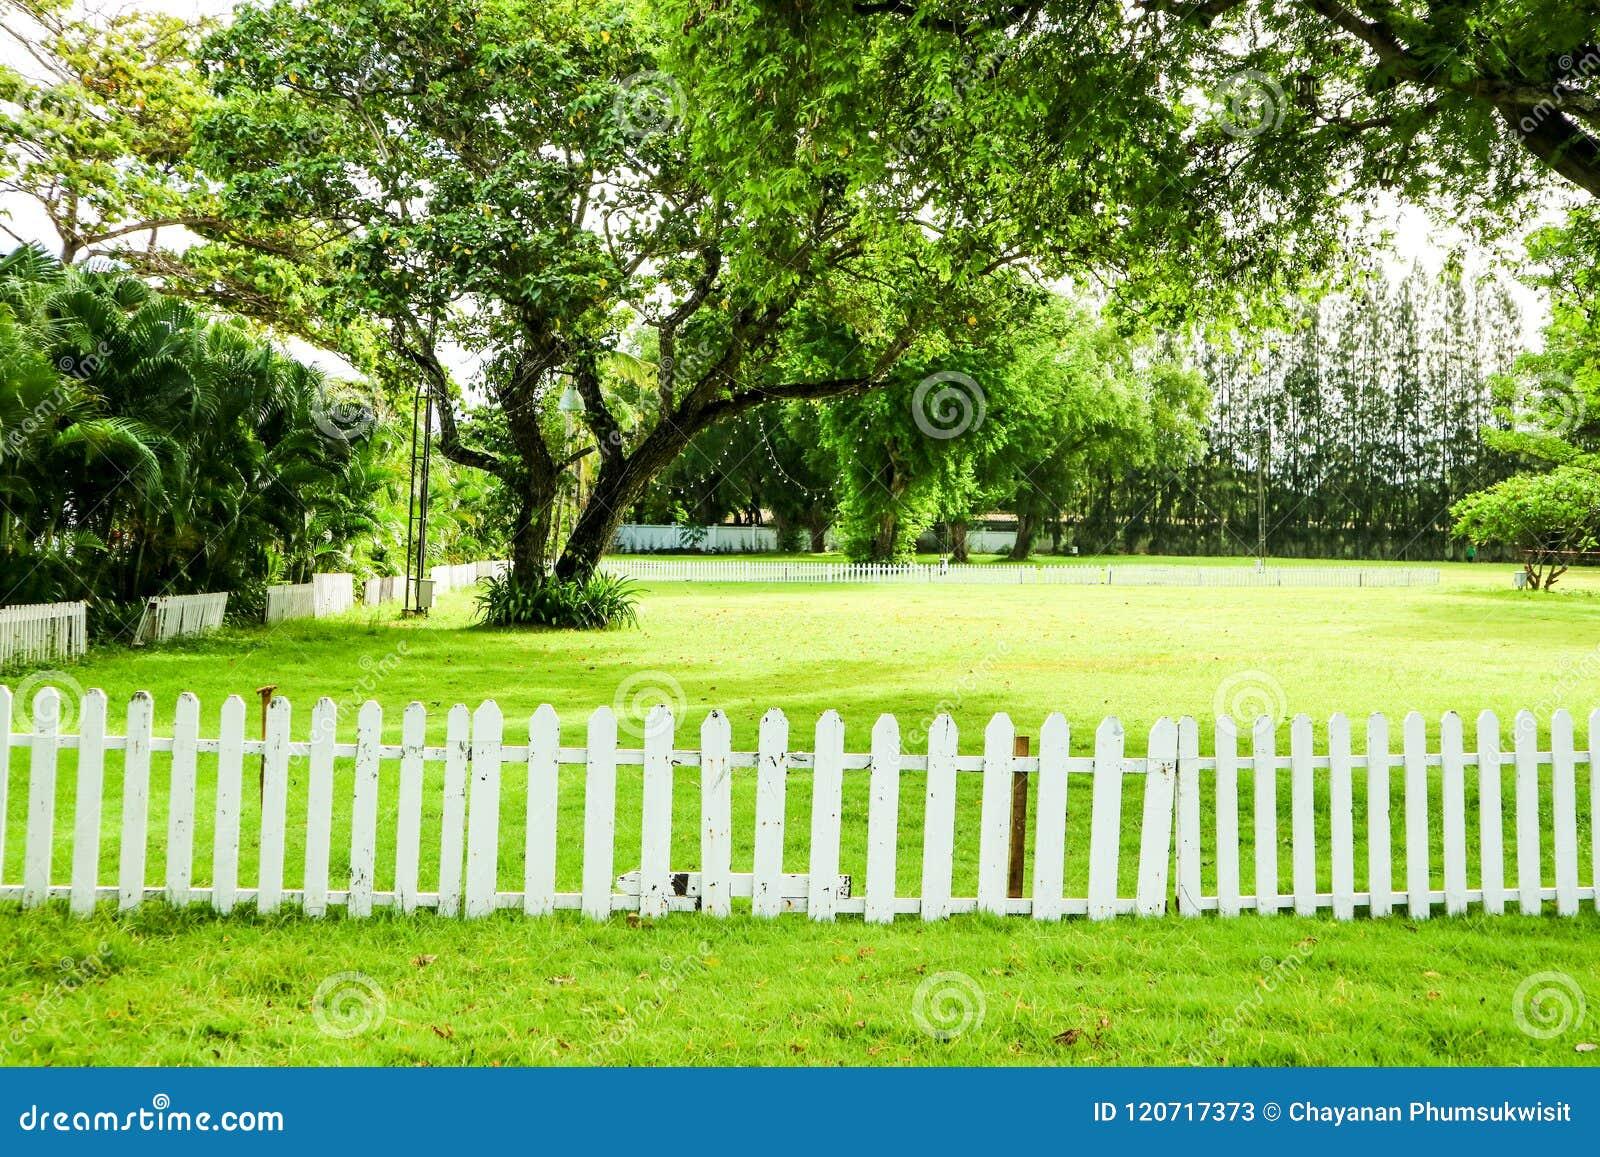 Gras In Tuin : Gras in de tuin tuintuin